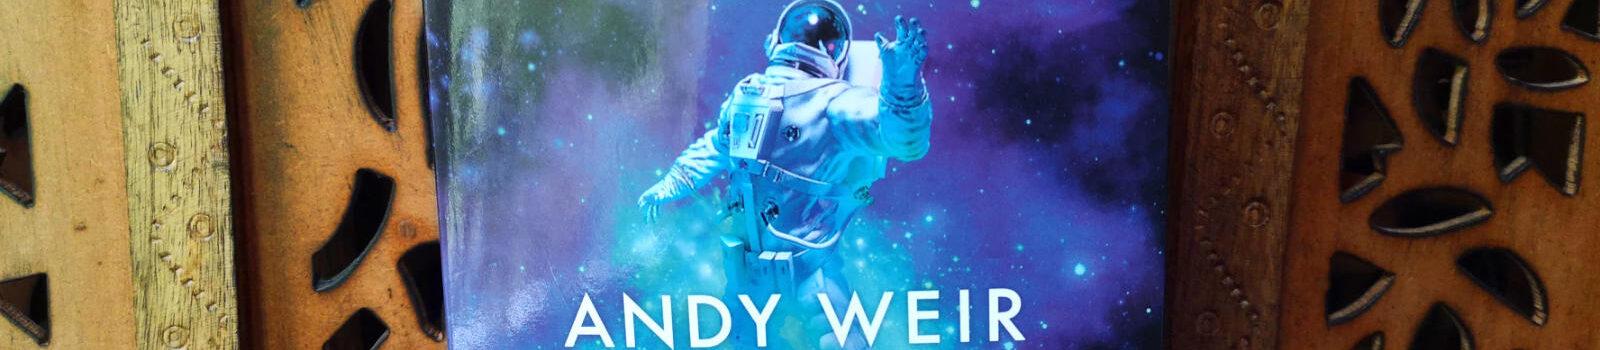 Andy Weir – Der Astronaut